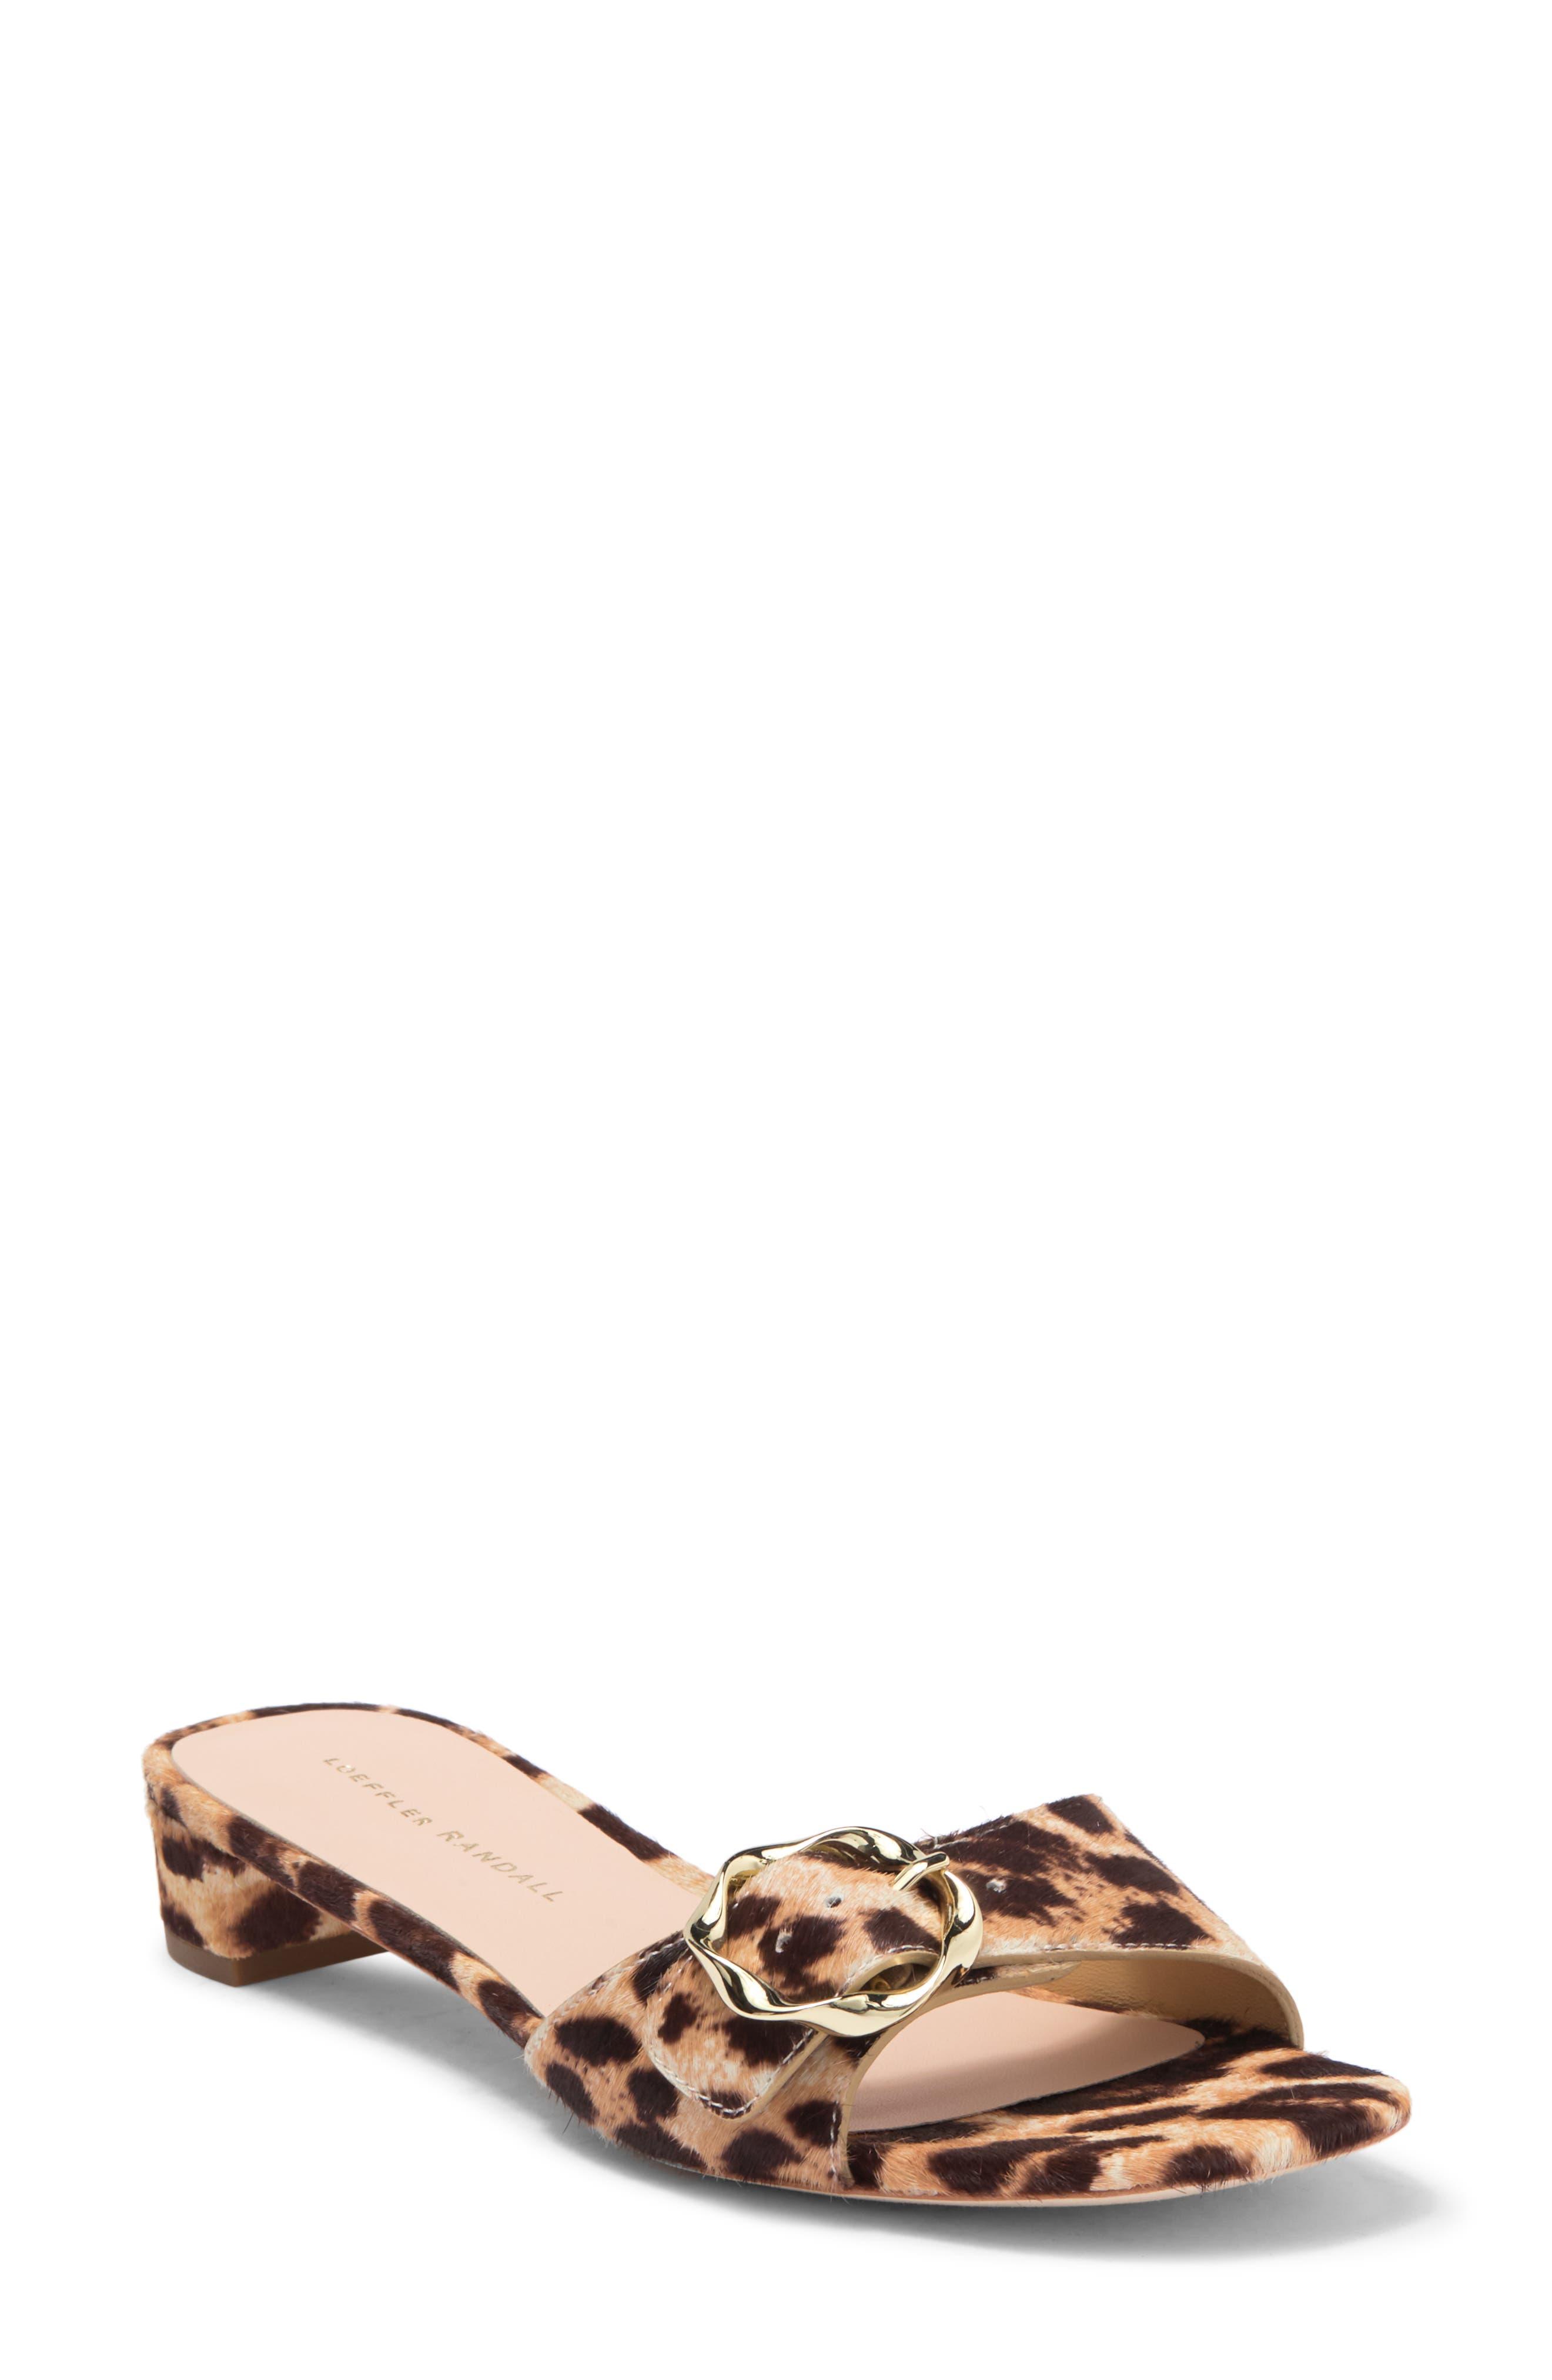 Image of LOEFFLER RANDALL Edie Leather Sandal